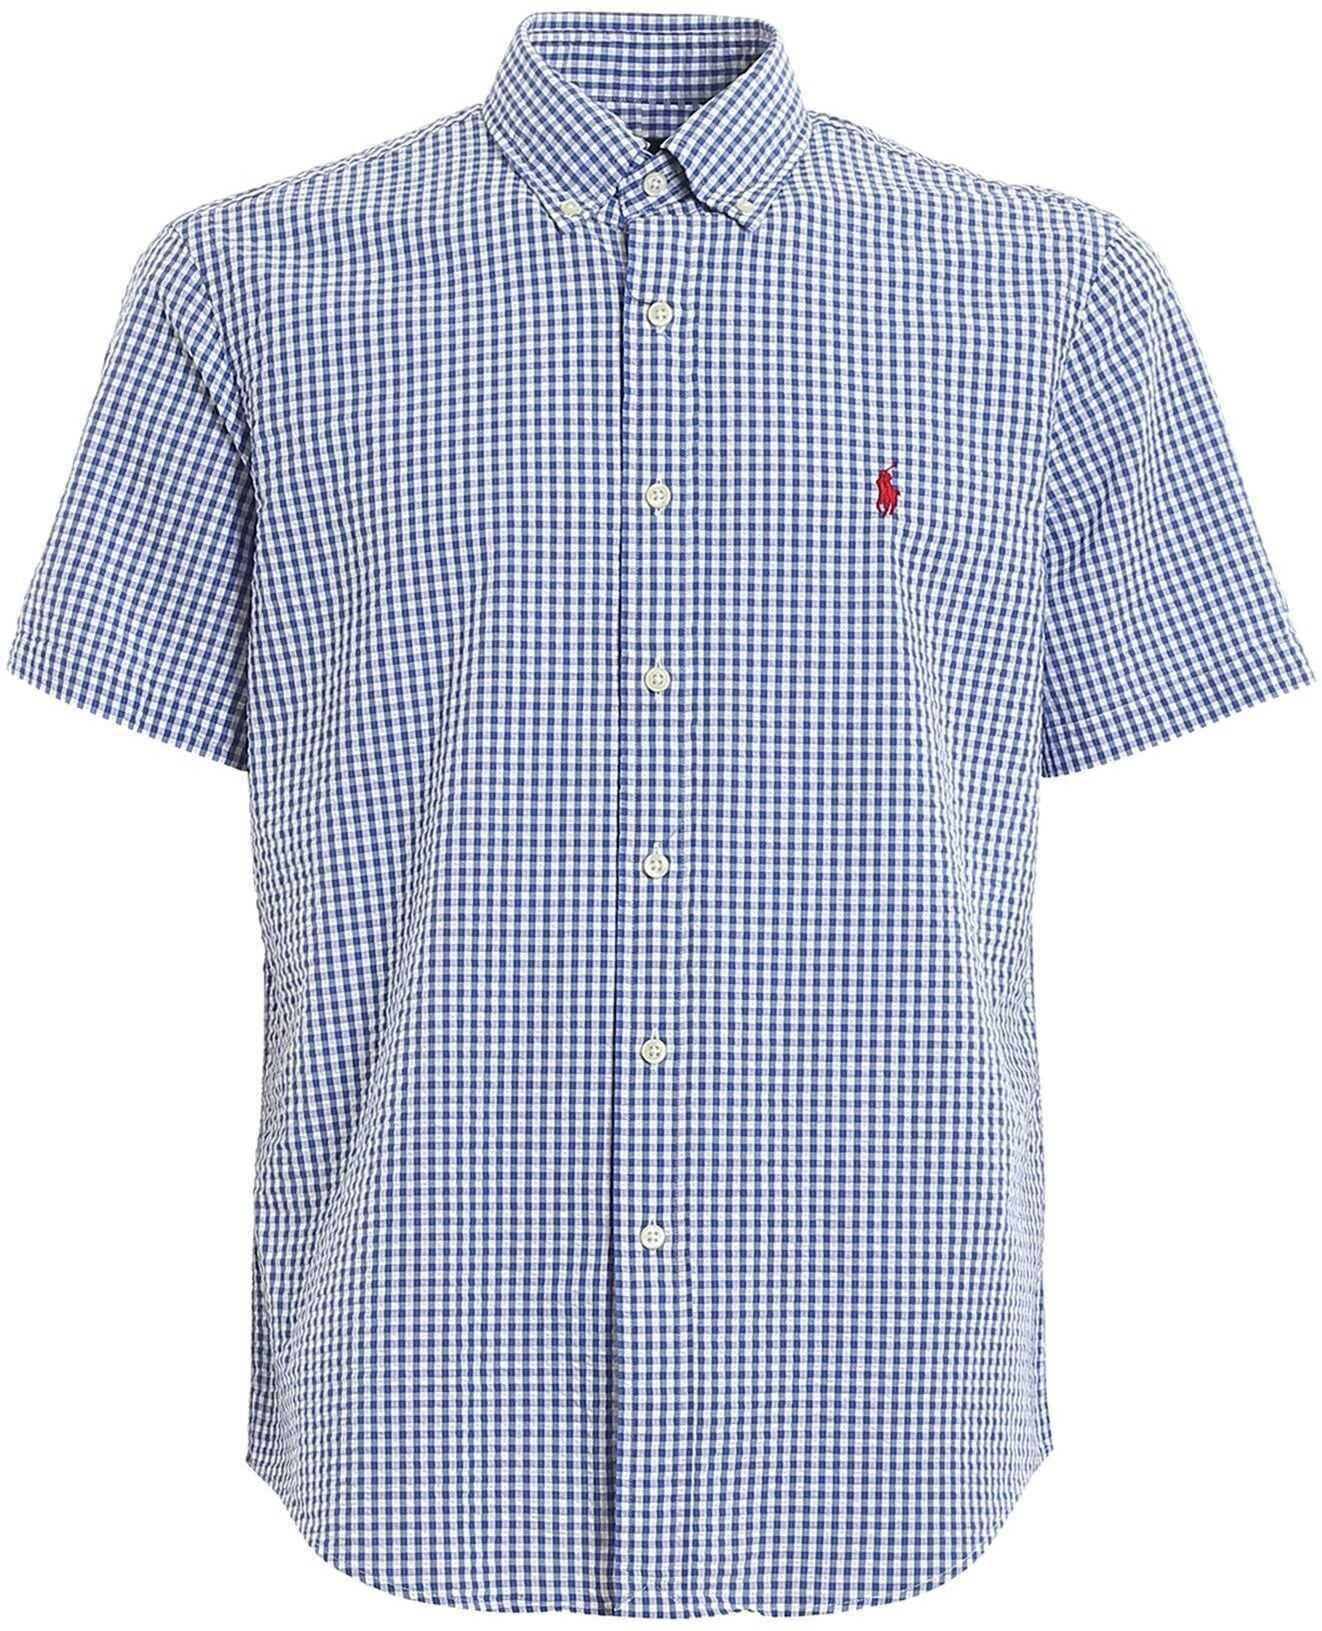 Ralph Lauren Check Print Short Sleeve Cotton Shirt Blue imagine